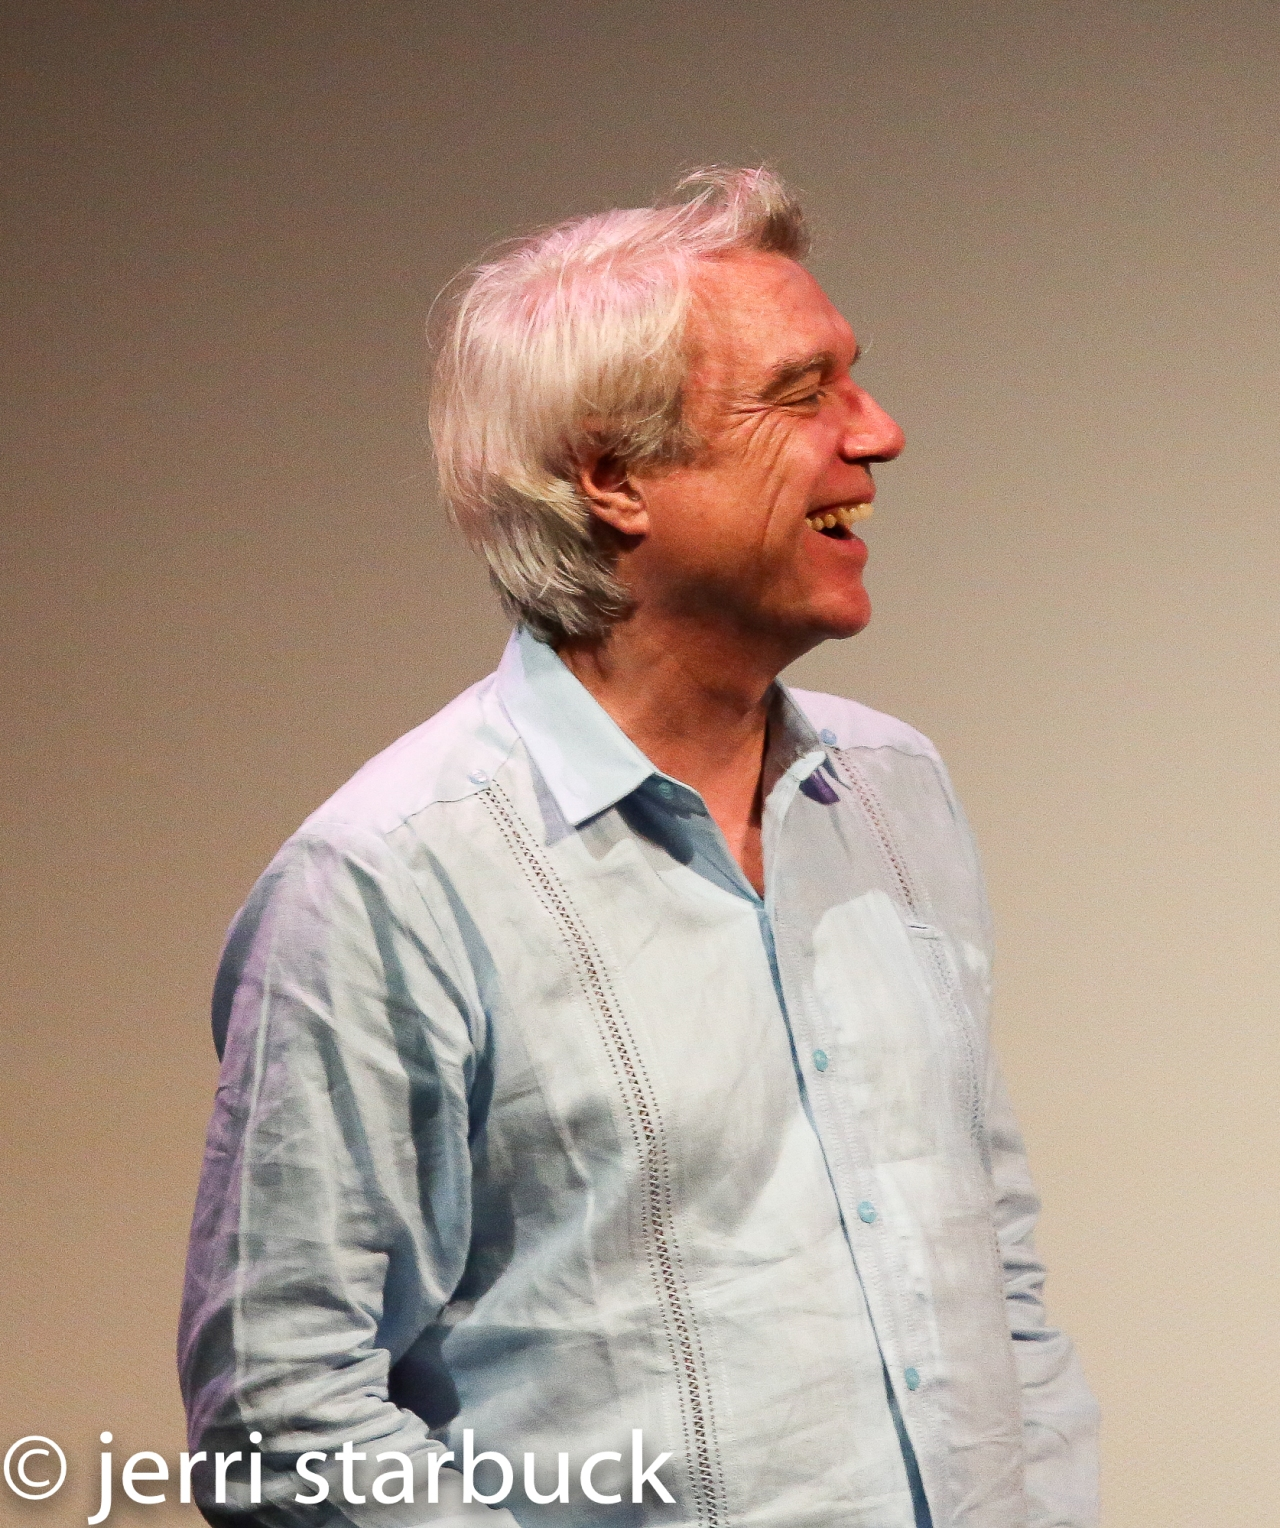 SXSW Film Review: True Stories with DavidByrne